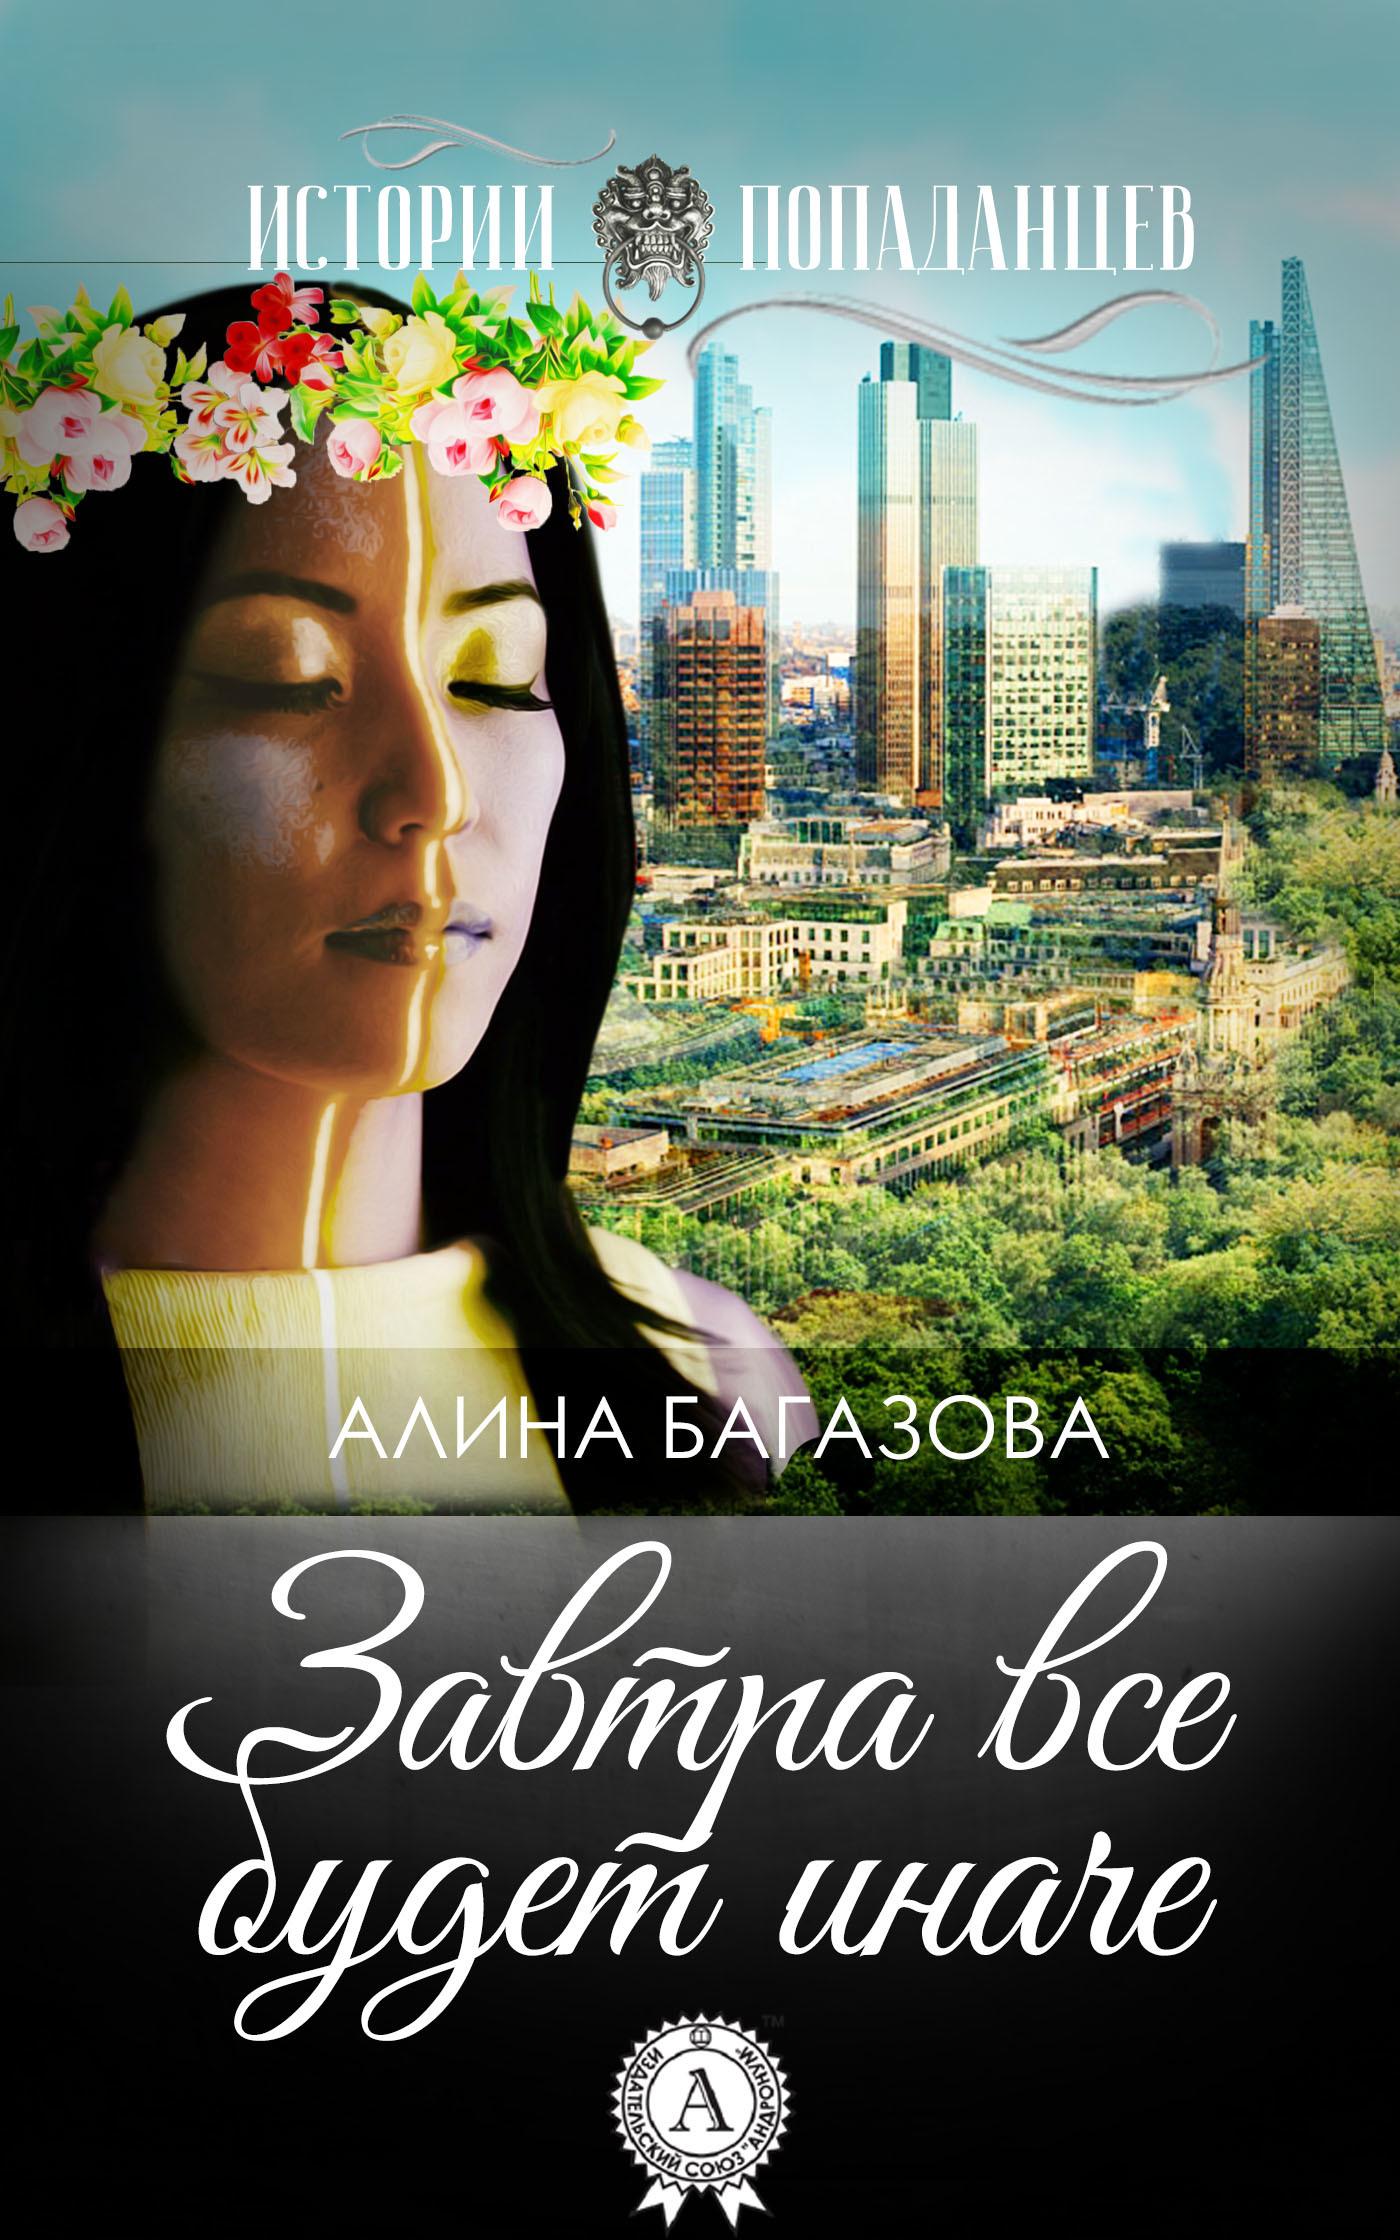 Алина Багазова - Завтра все будет иначе